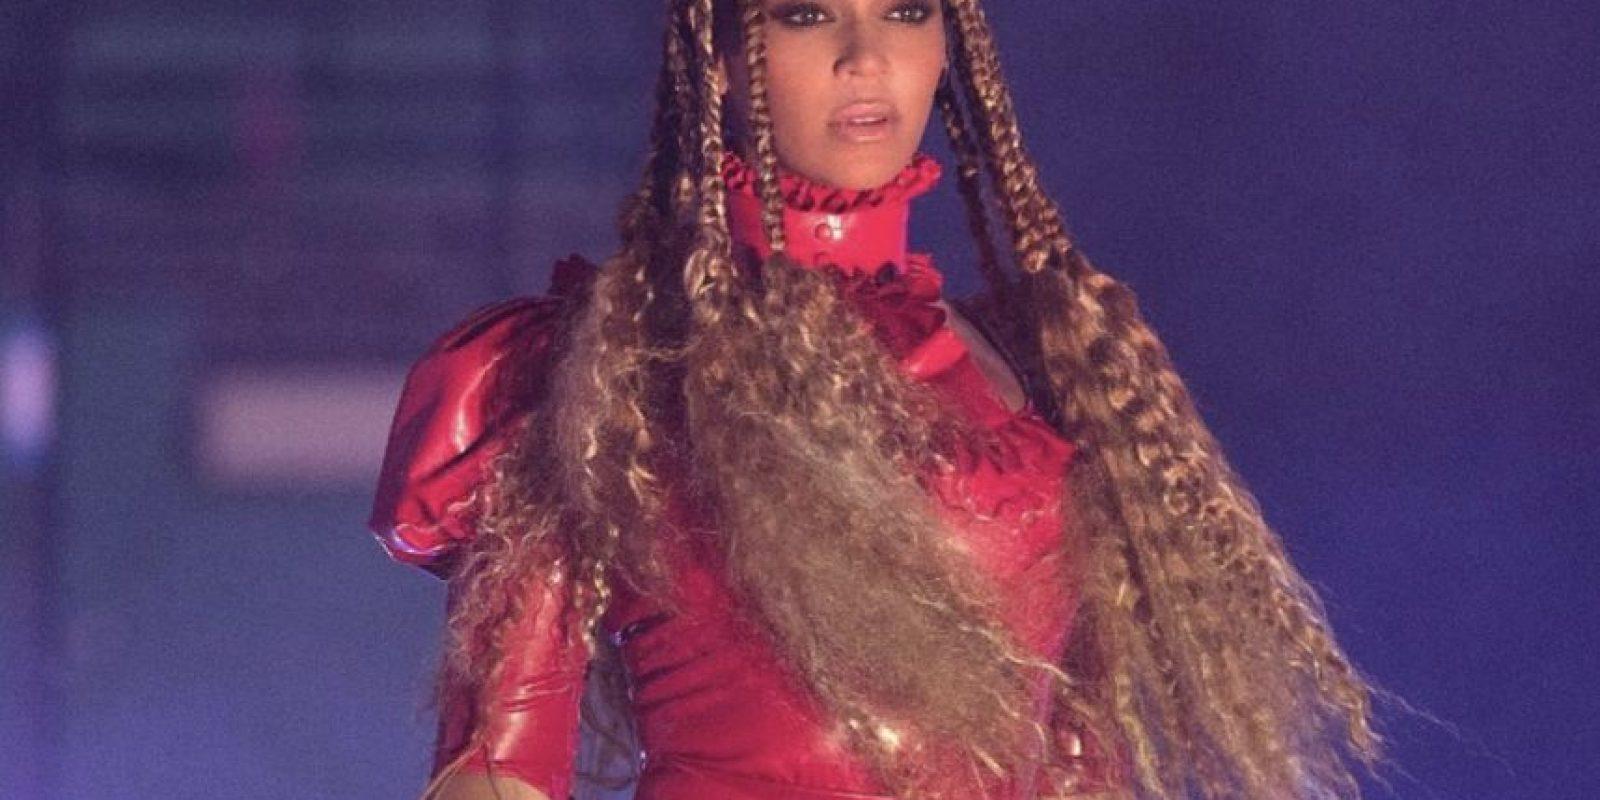 La cantante pidió la ayuda de sus fans para erradicar la violencia que vive la raza negra. Foto:Instagram @beyonce